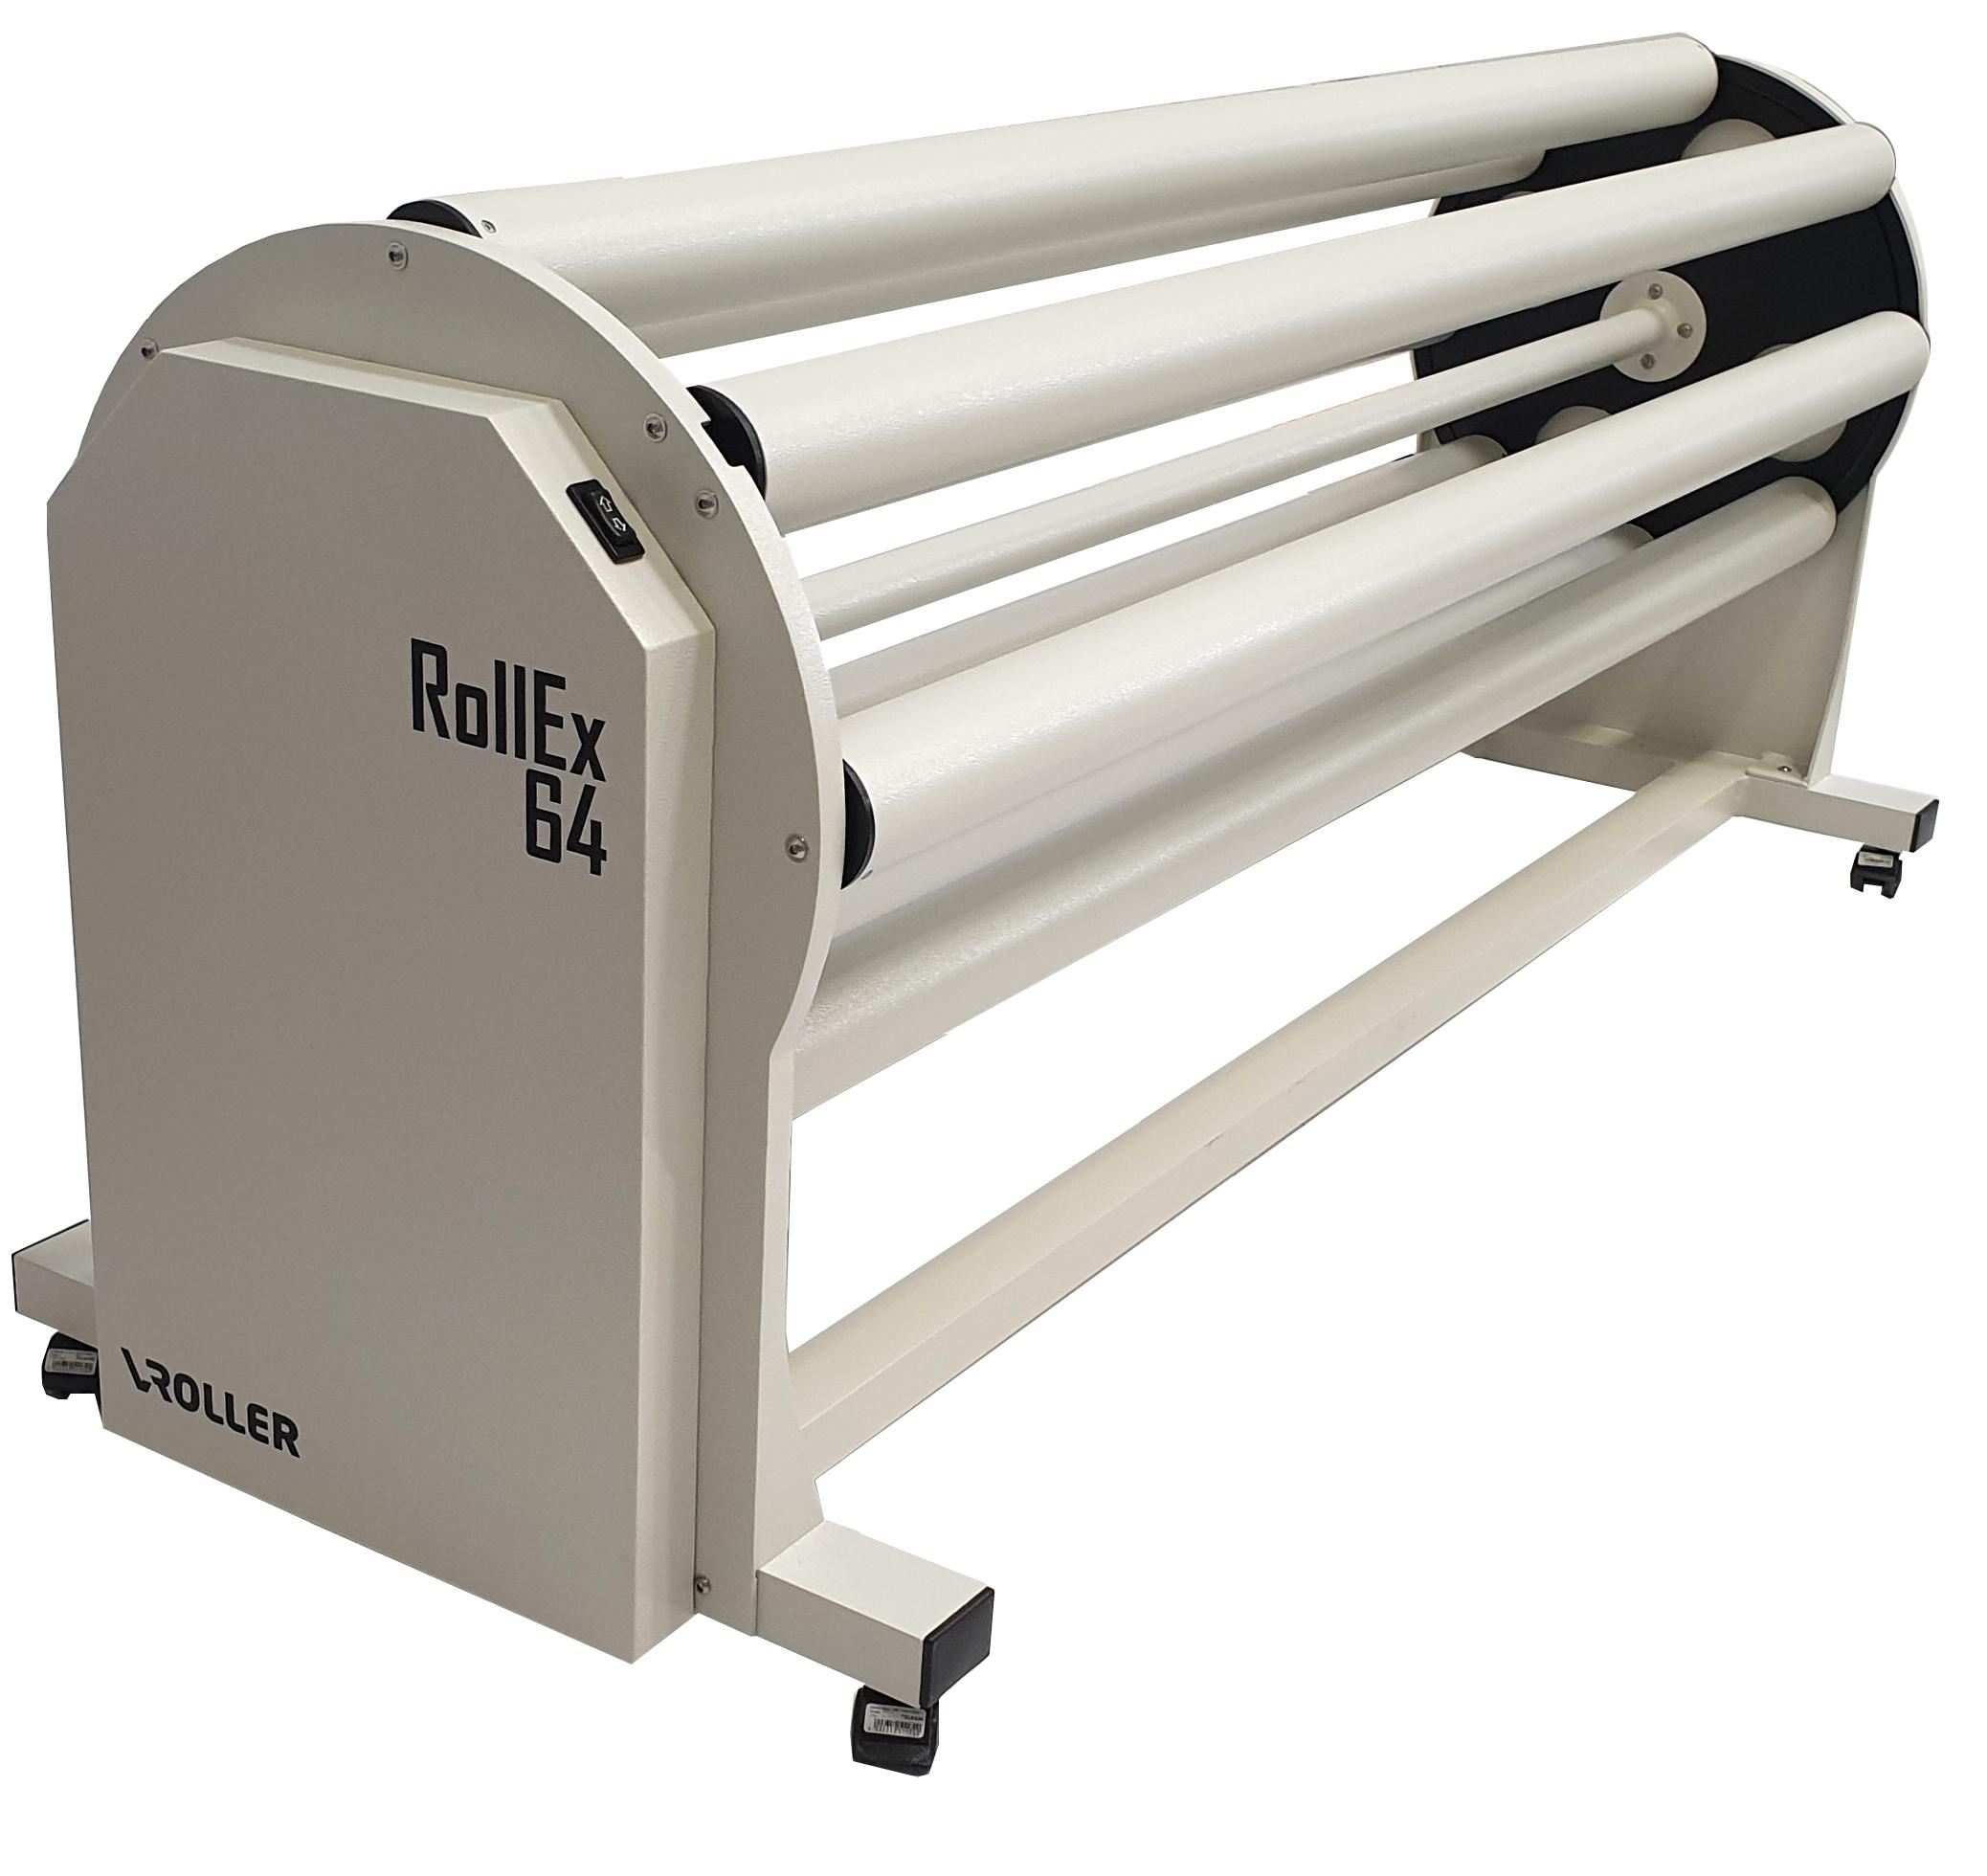 Portarrollos externo VRoller RollEx